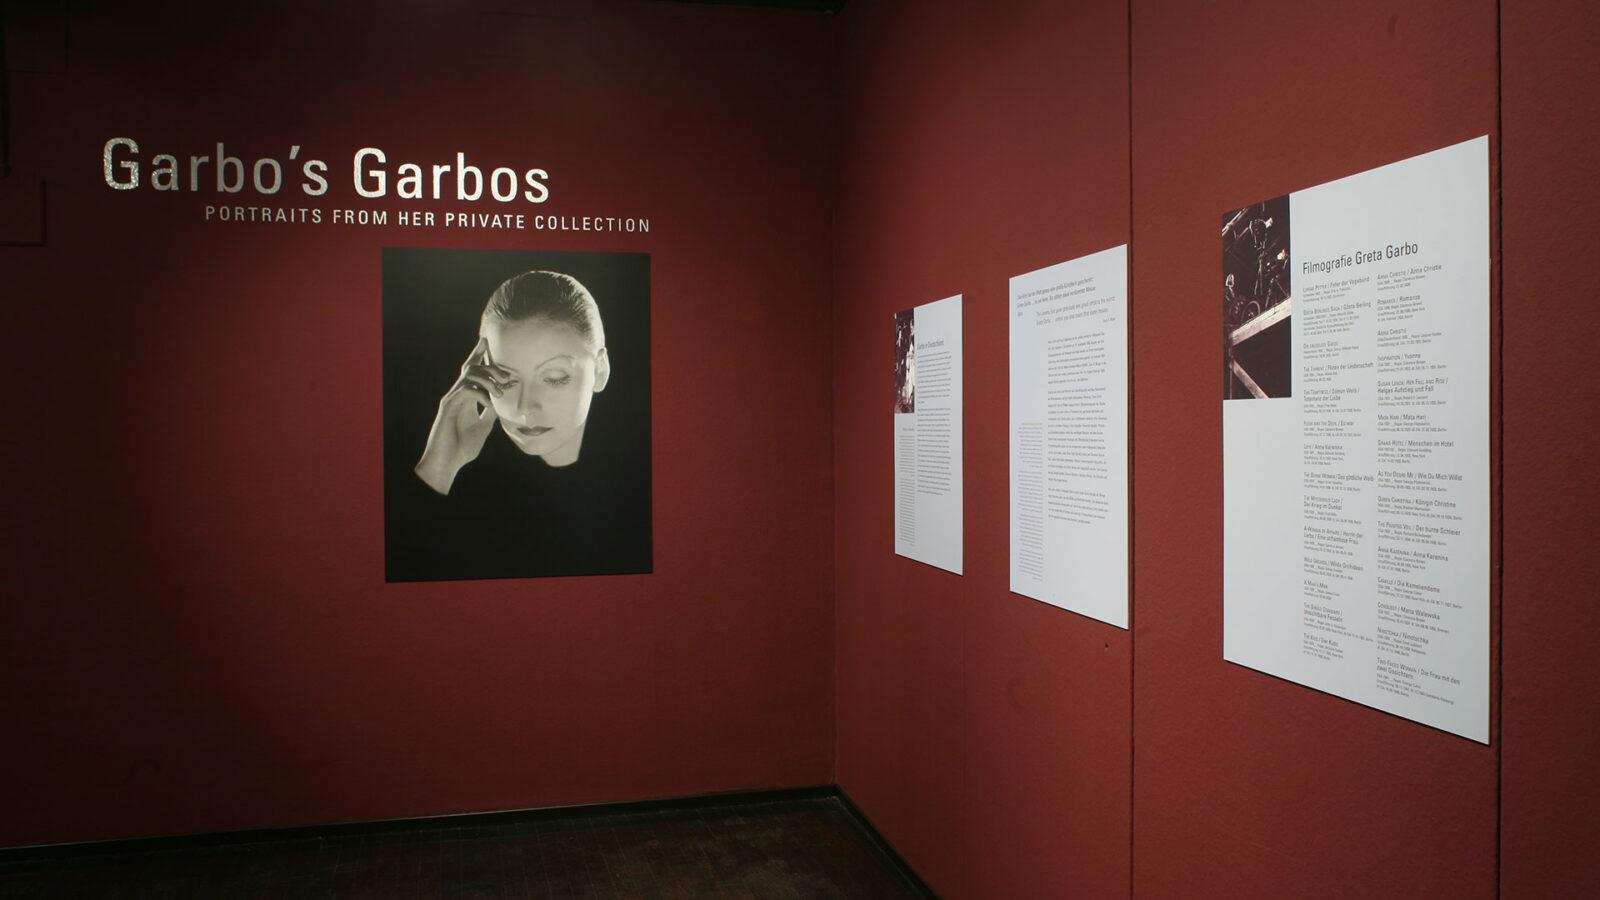 Garbo's Garbos